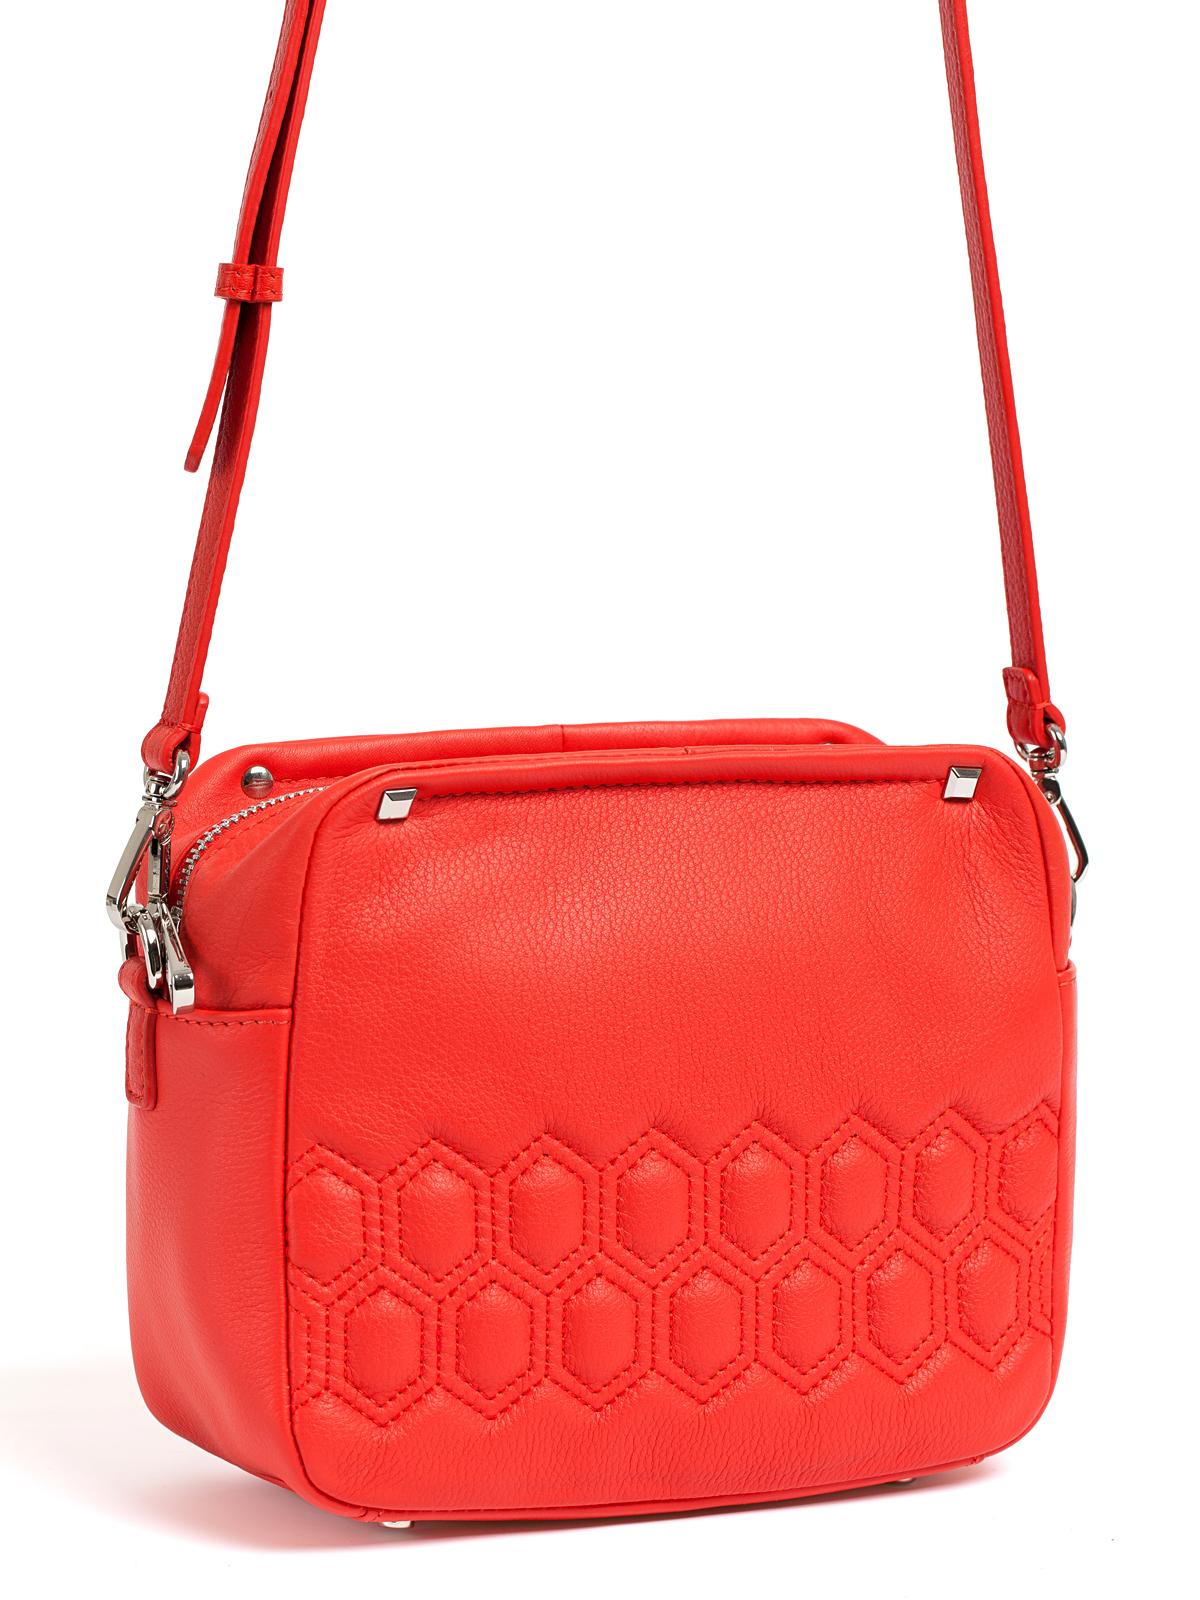 Кожаная сумка красного цвета на длинном ремешкеСумка<br><br>Материал верха: Кожа<br>Материал подкладки: Текстиль<br>Цвет: Красный<br>Дизайн: Италия<br>Страна производства: Китай<br><br>Материал верха: Кожа<br>Материал подкладки: Кожа<br>Цвет: Красный<br>Пол: Женский<br>Размер: Без размера